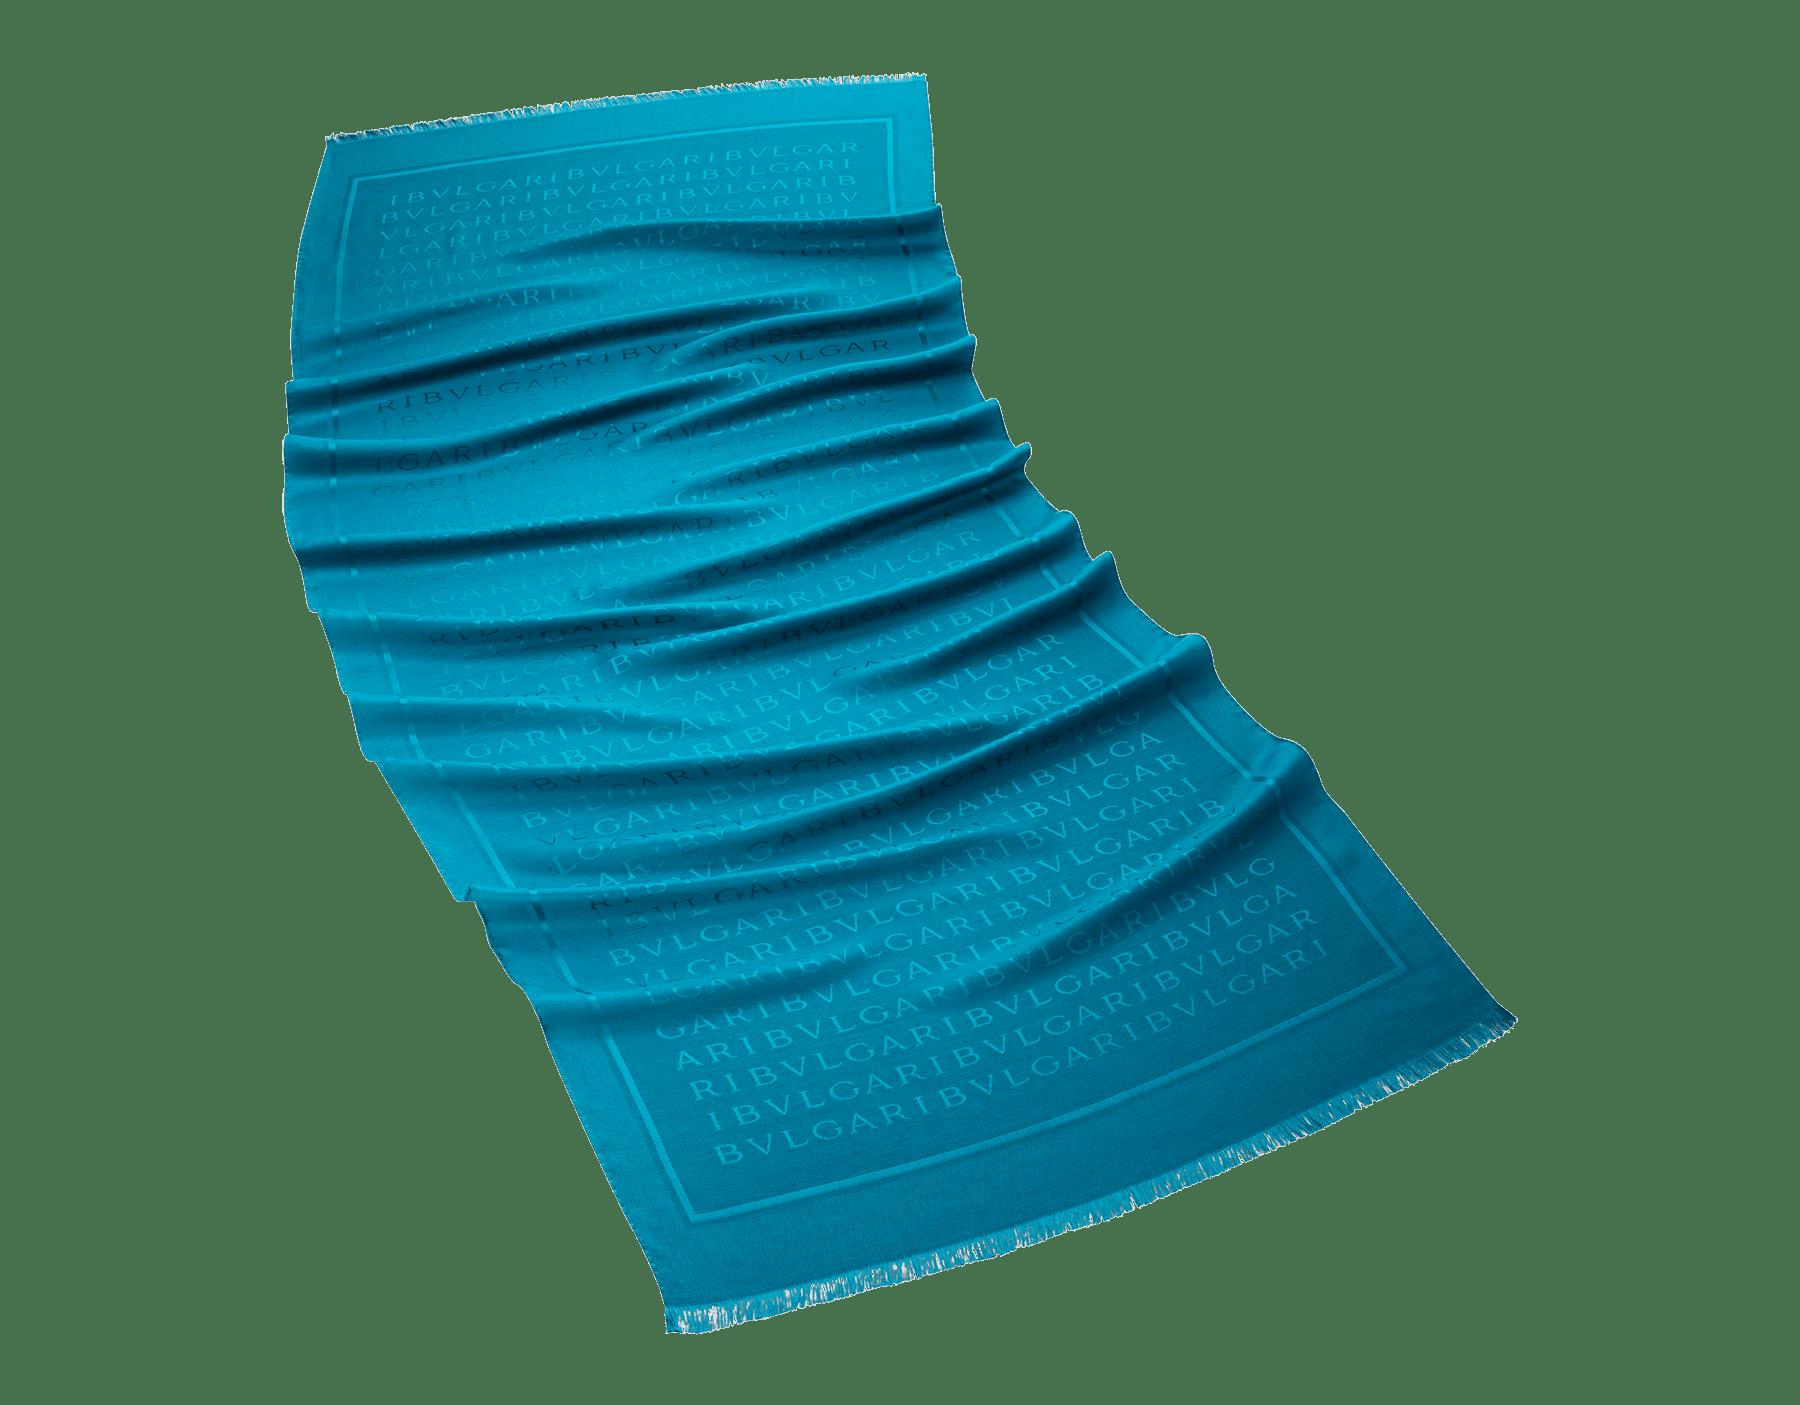 Estola Lettere Maxi turquesa-tropical em fina lã. 243806 image 1